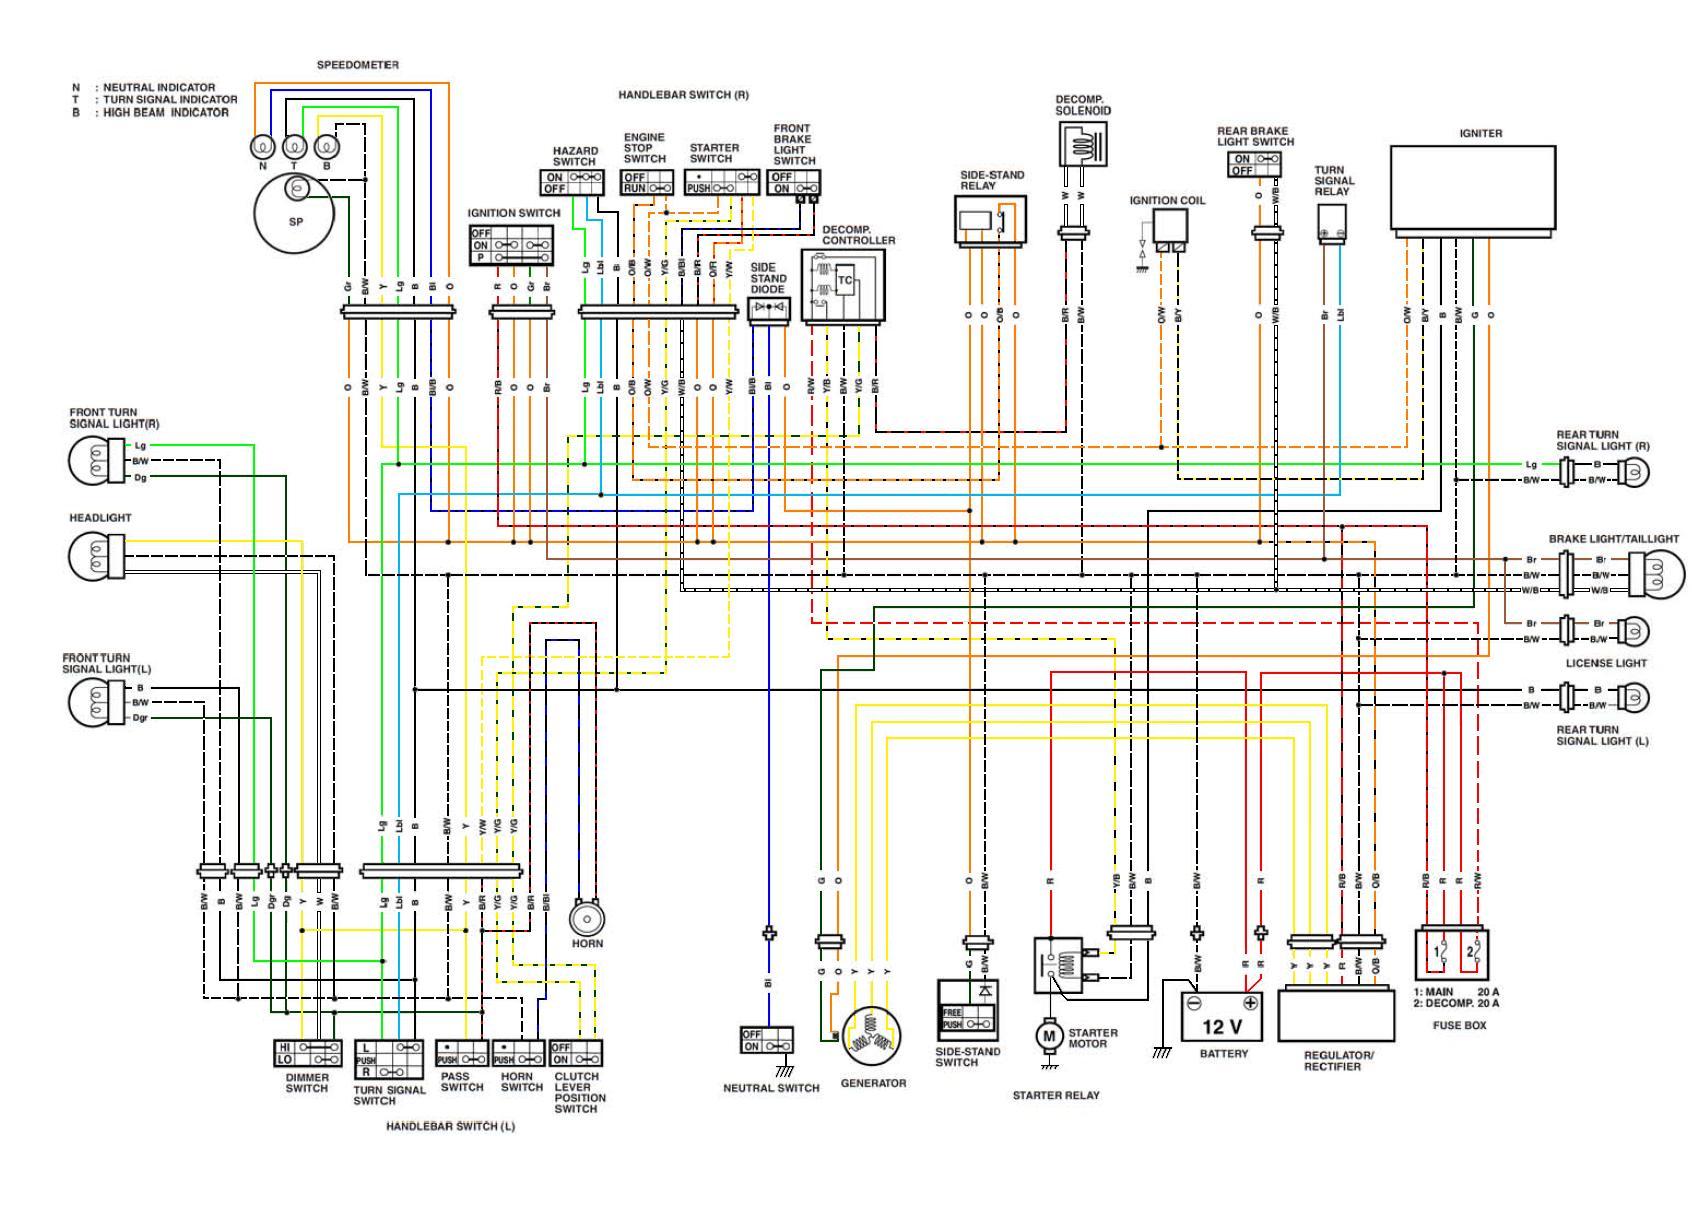 2009 Dodge Wiring Diagram Schematic 2019 2014 Journey Radio Sel Parts Auto Ram